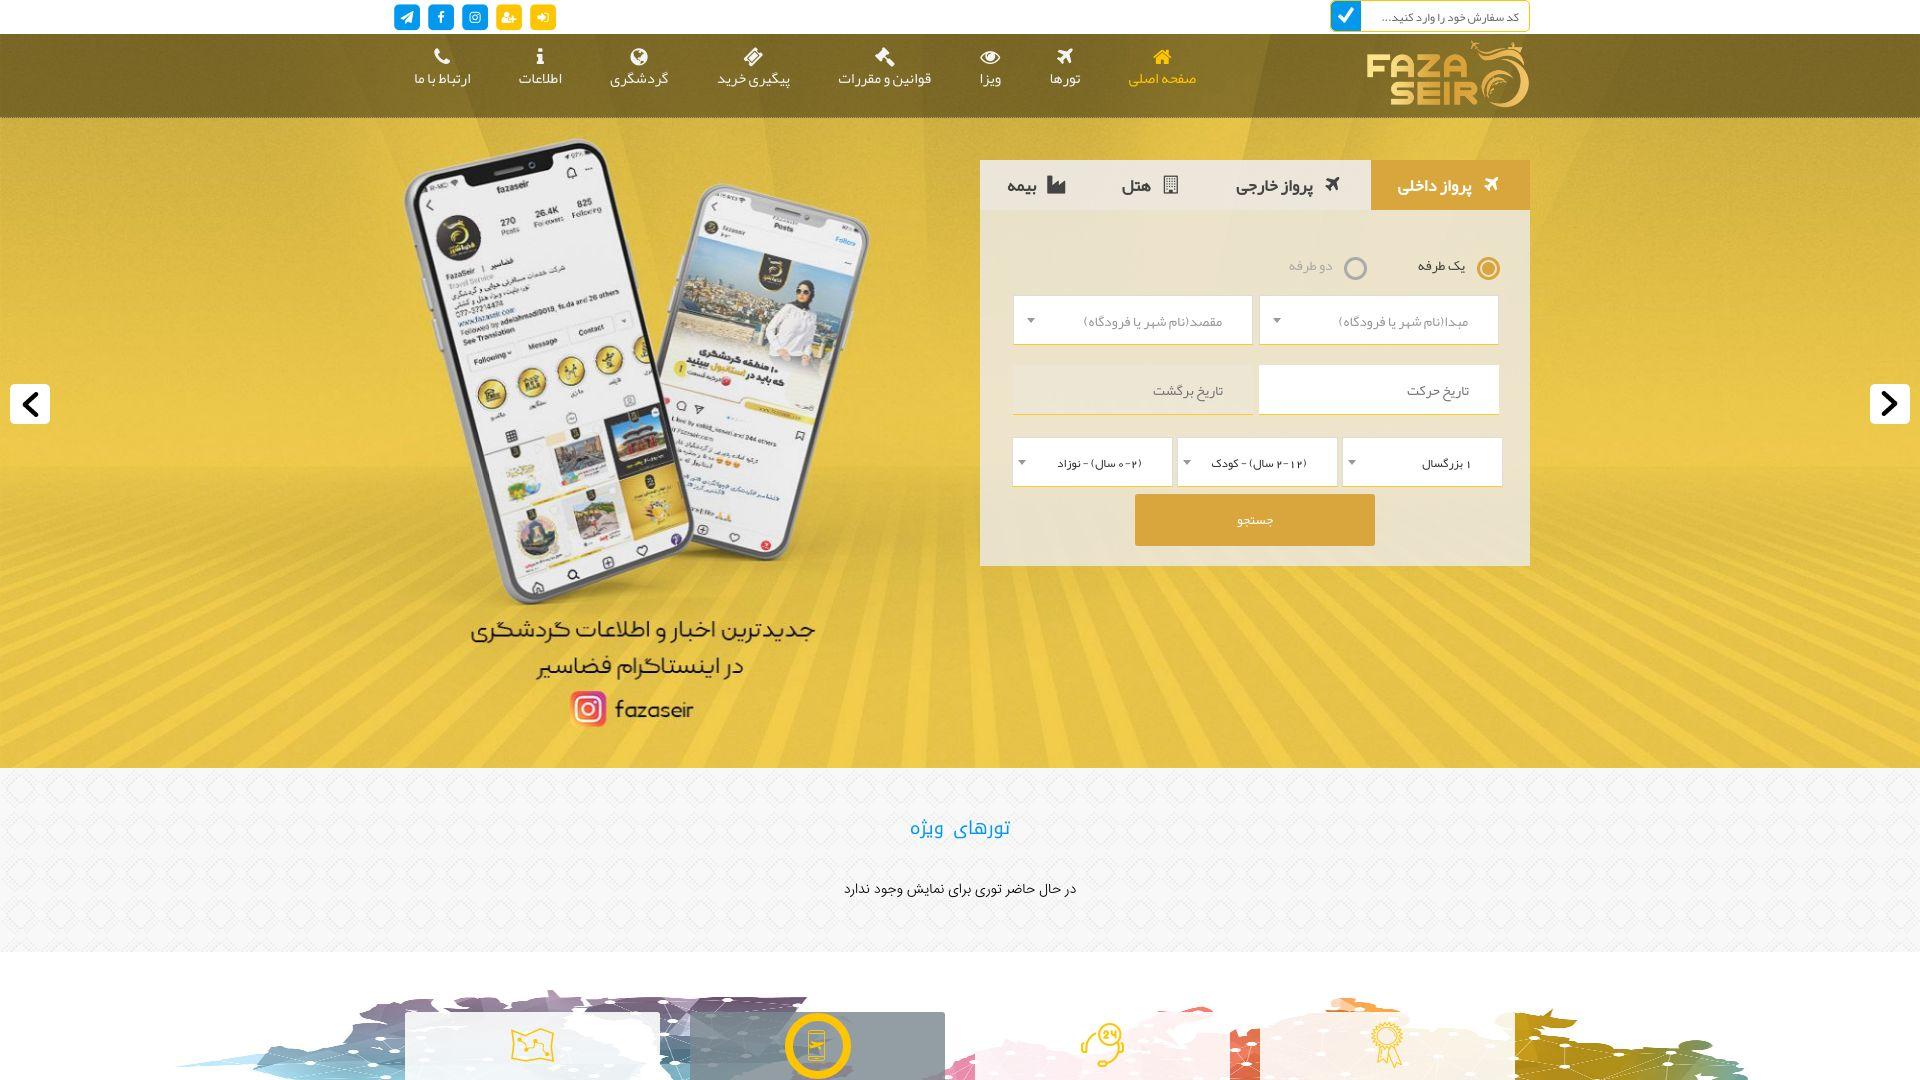 طراحی سیستم - طراحی سایت آژانس مسافرتی فضا سیر خلیج فارس